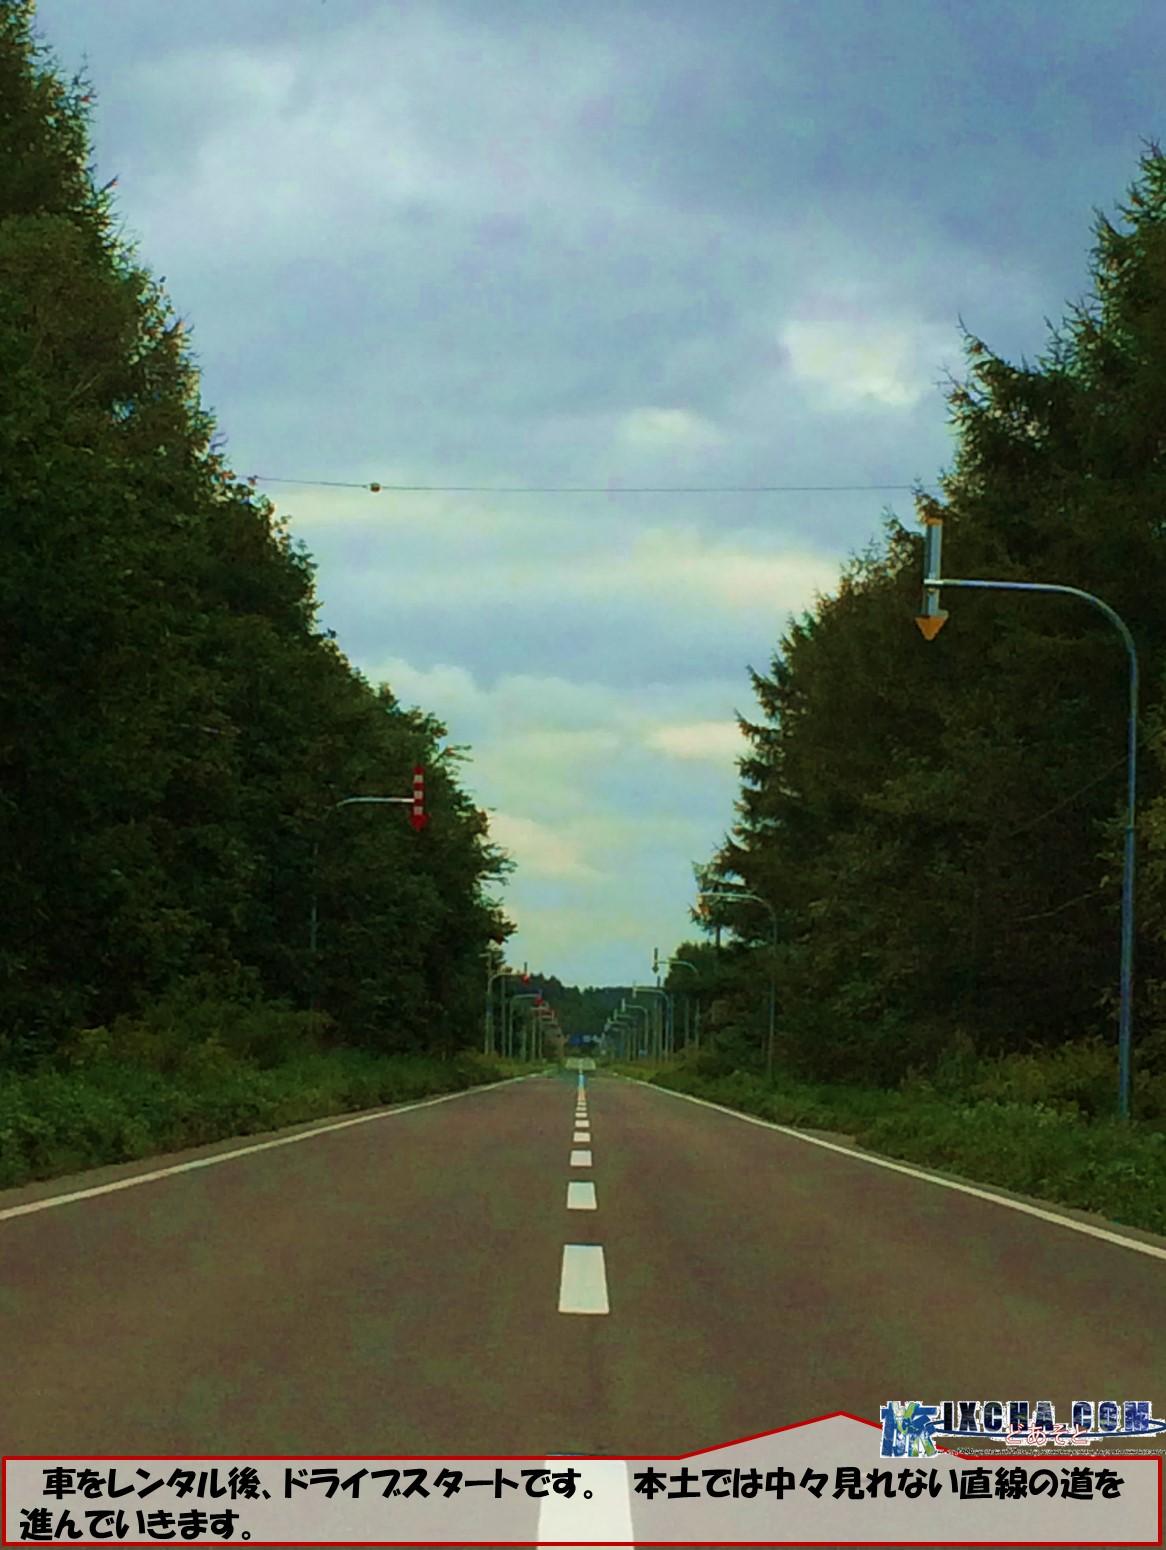 車をレンタル後、ドライブスタートです。 本土では中々見れない直線の道を進んでいきます。